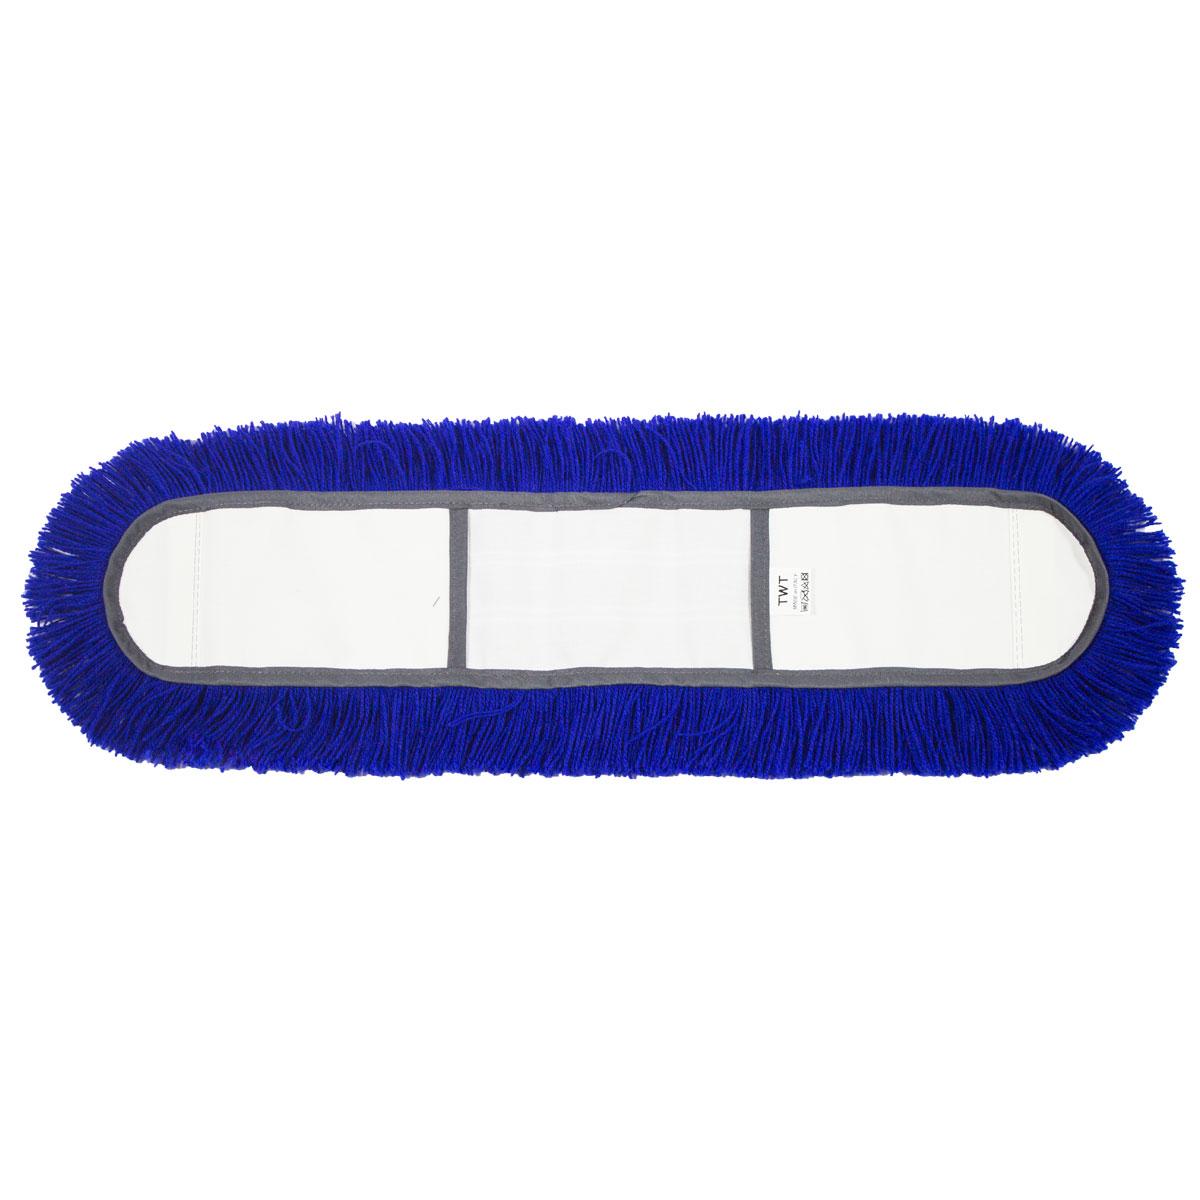 Frange de balayage à plat acrylique bleu Tunisie